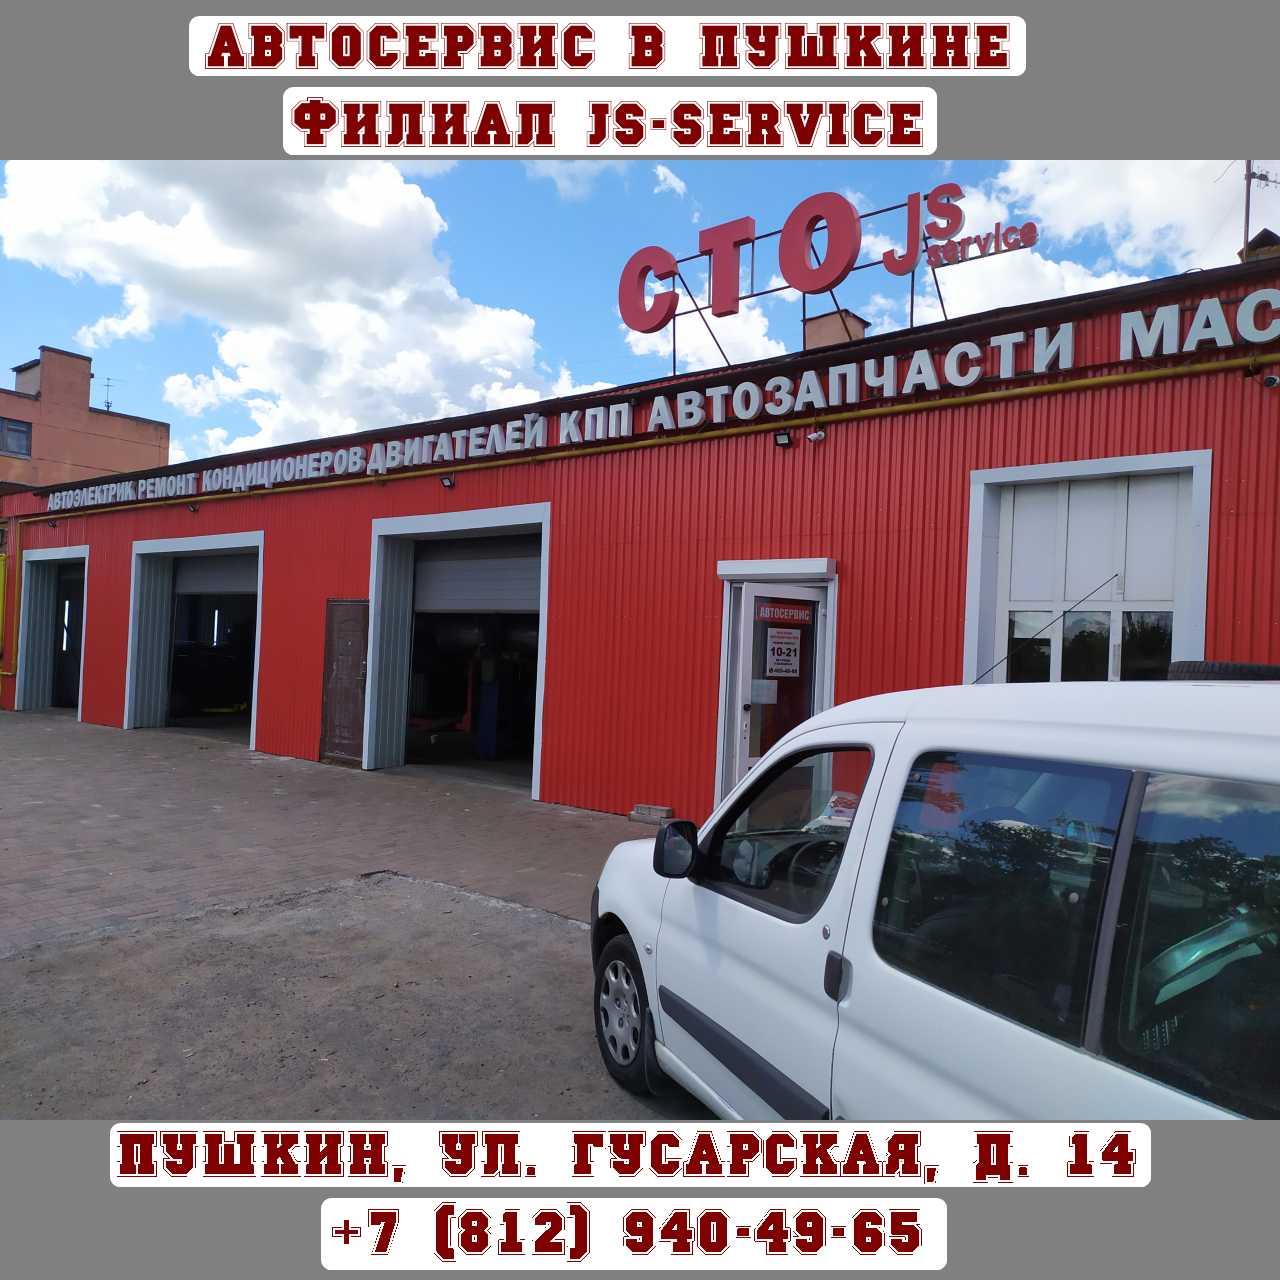 Автосервис JS-SERVICE в г. Пушкин, Гусарская улица, д. 14.